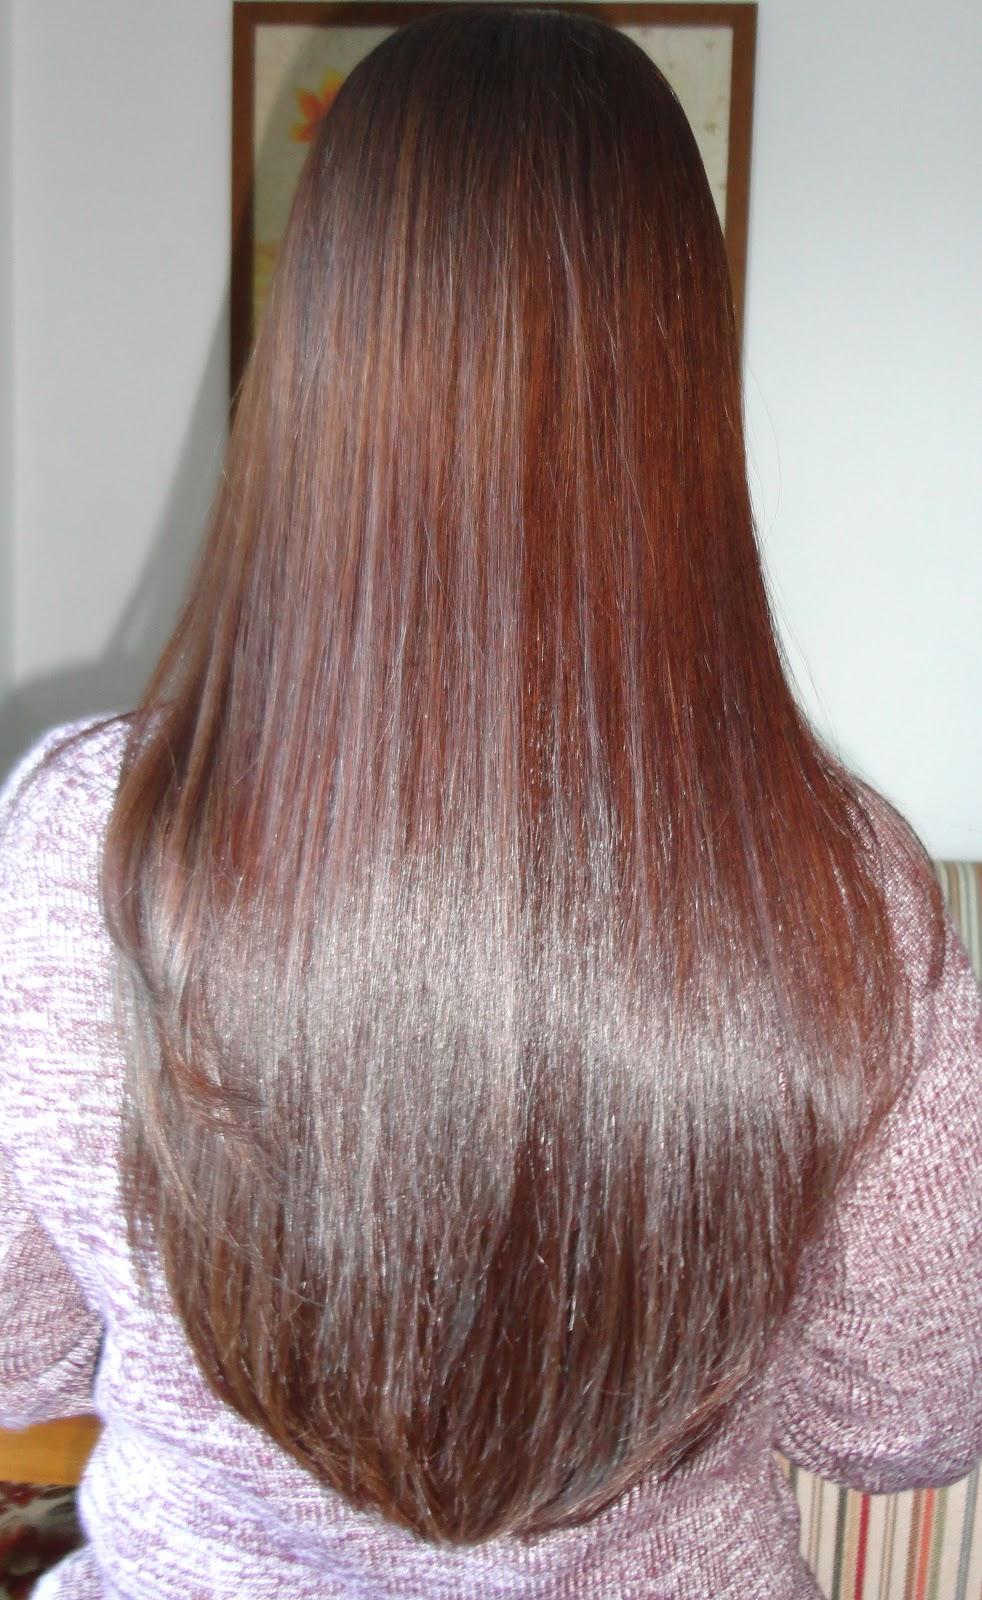 a5379c2b4 Sequei os cabelos sem escovar, finalizei as pontas virando levemente com a  ajuda da chapinha. Veja a diferença na raiz: